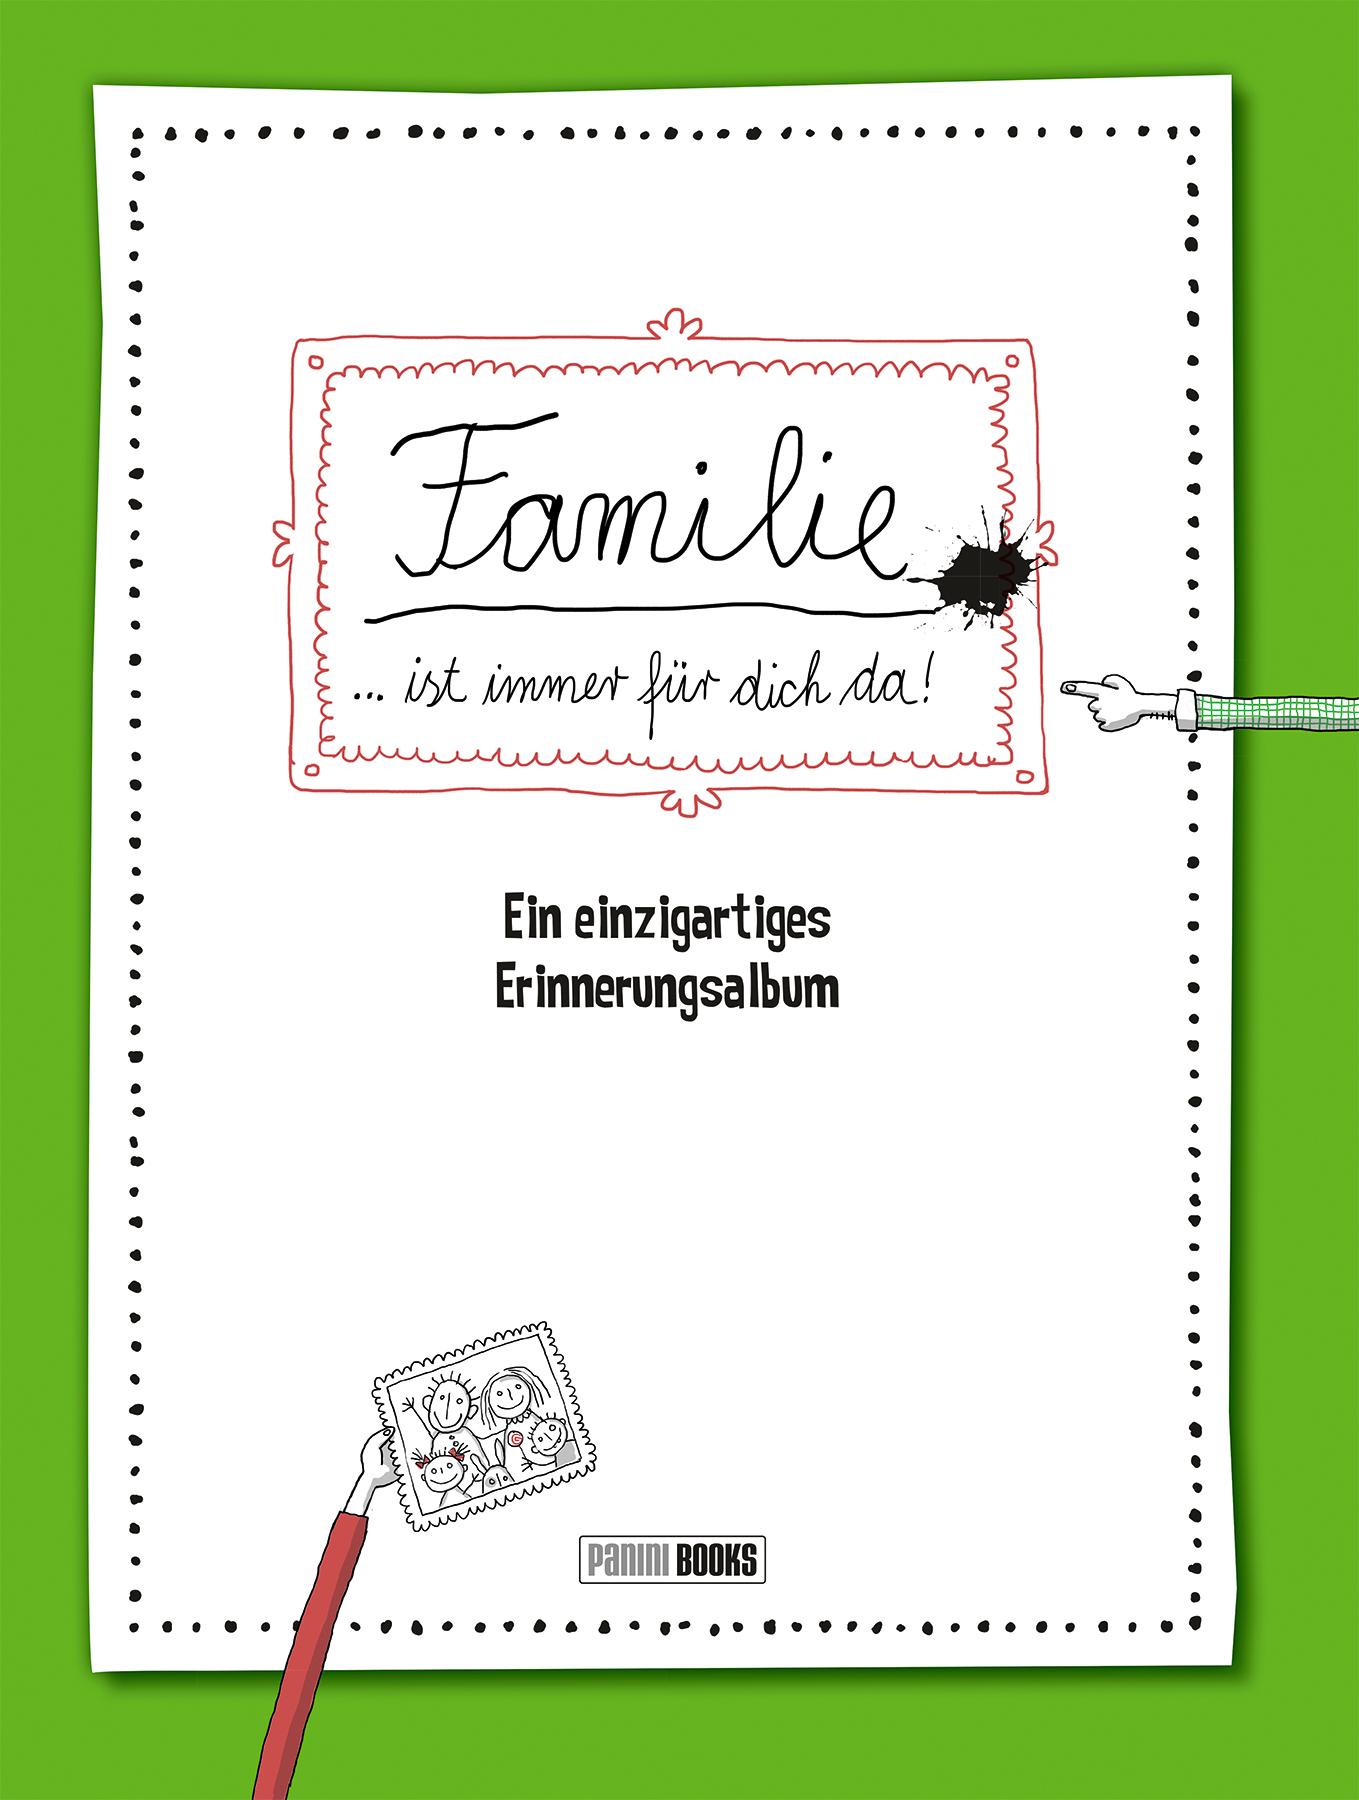 Ungewöhnlich Geschichte Buch Vorlage Zeitgenössisch - Entry Level ...